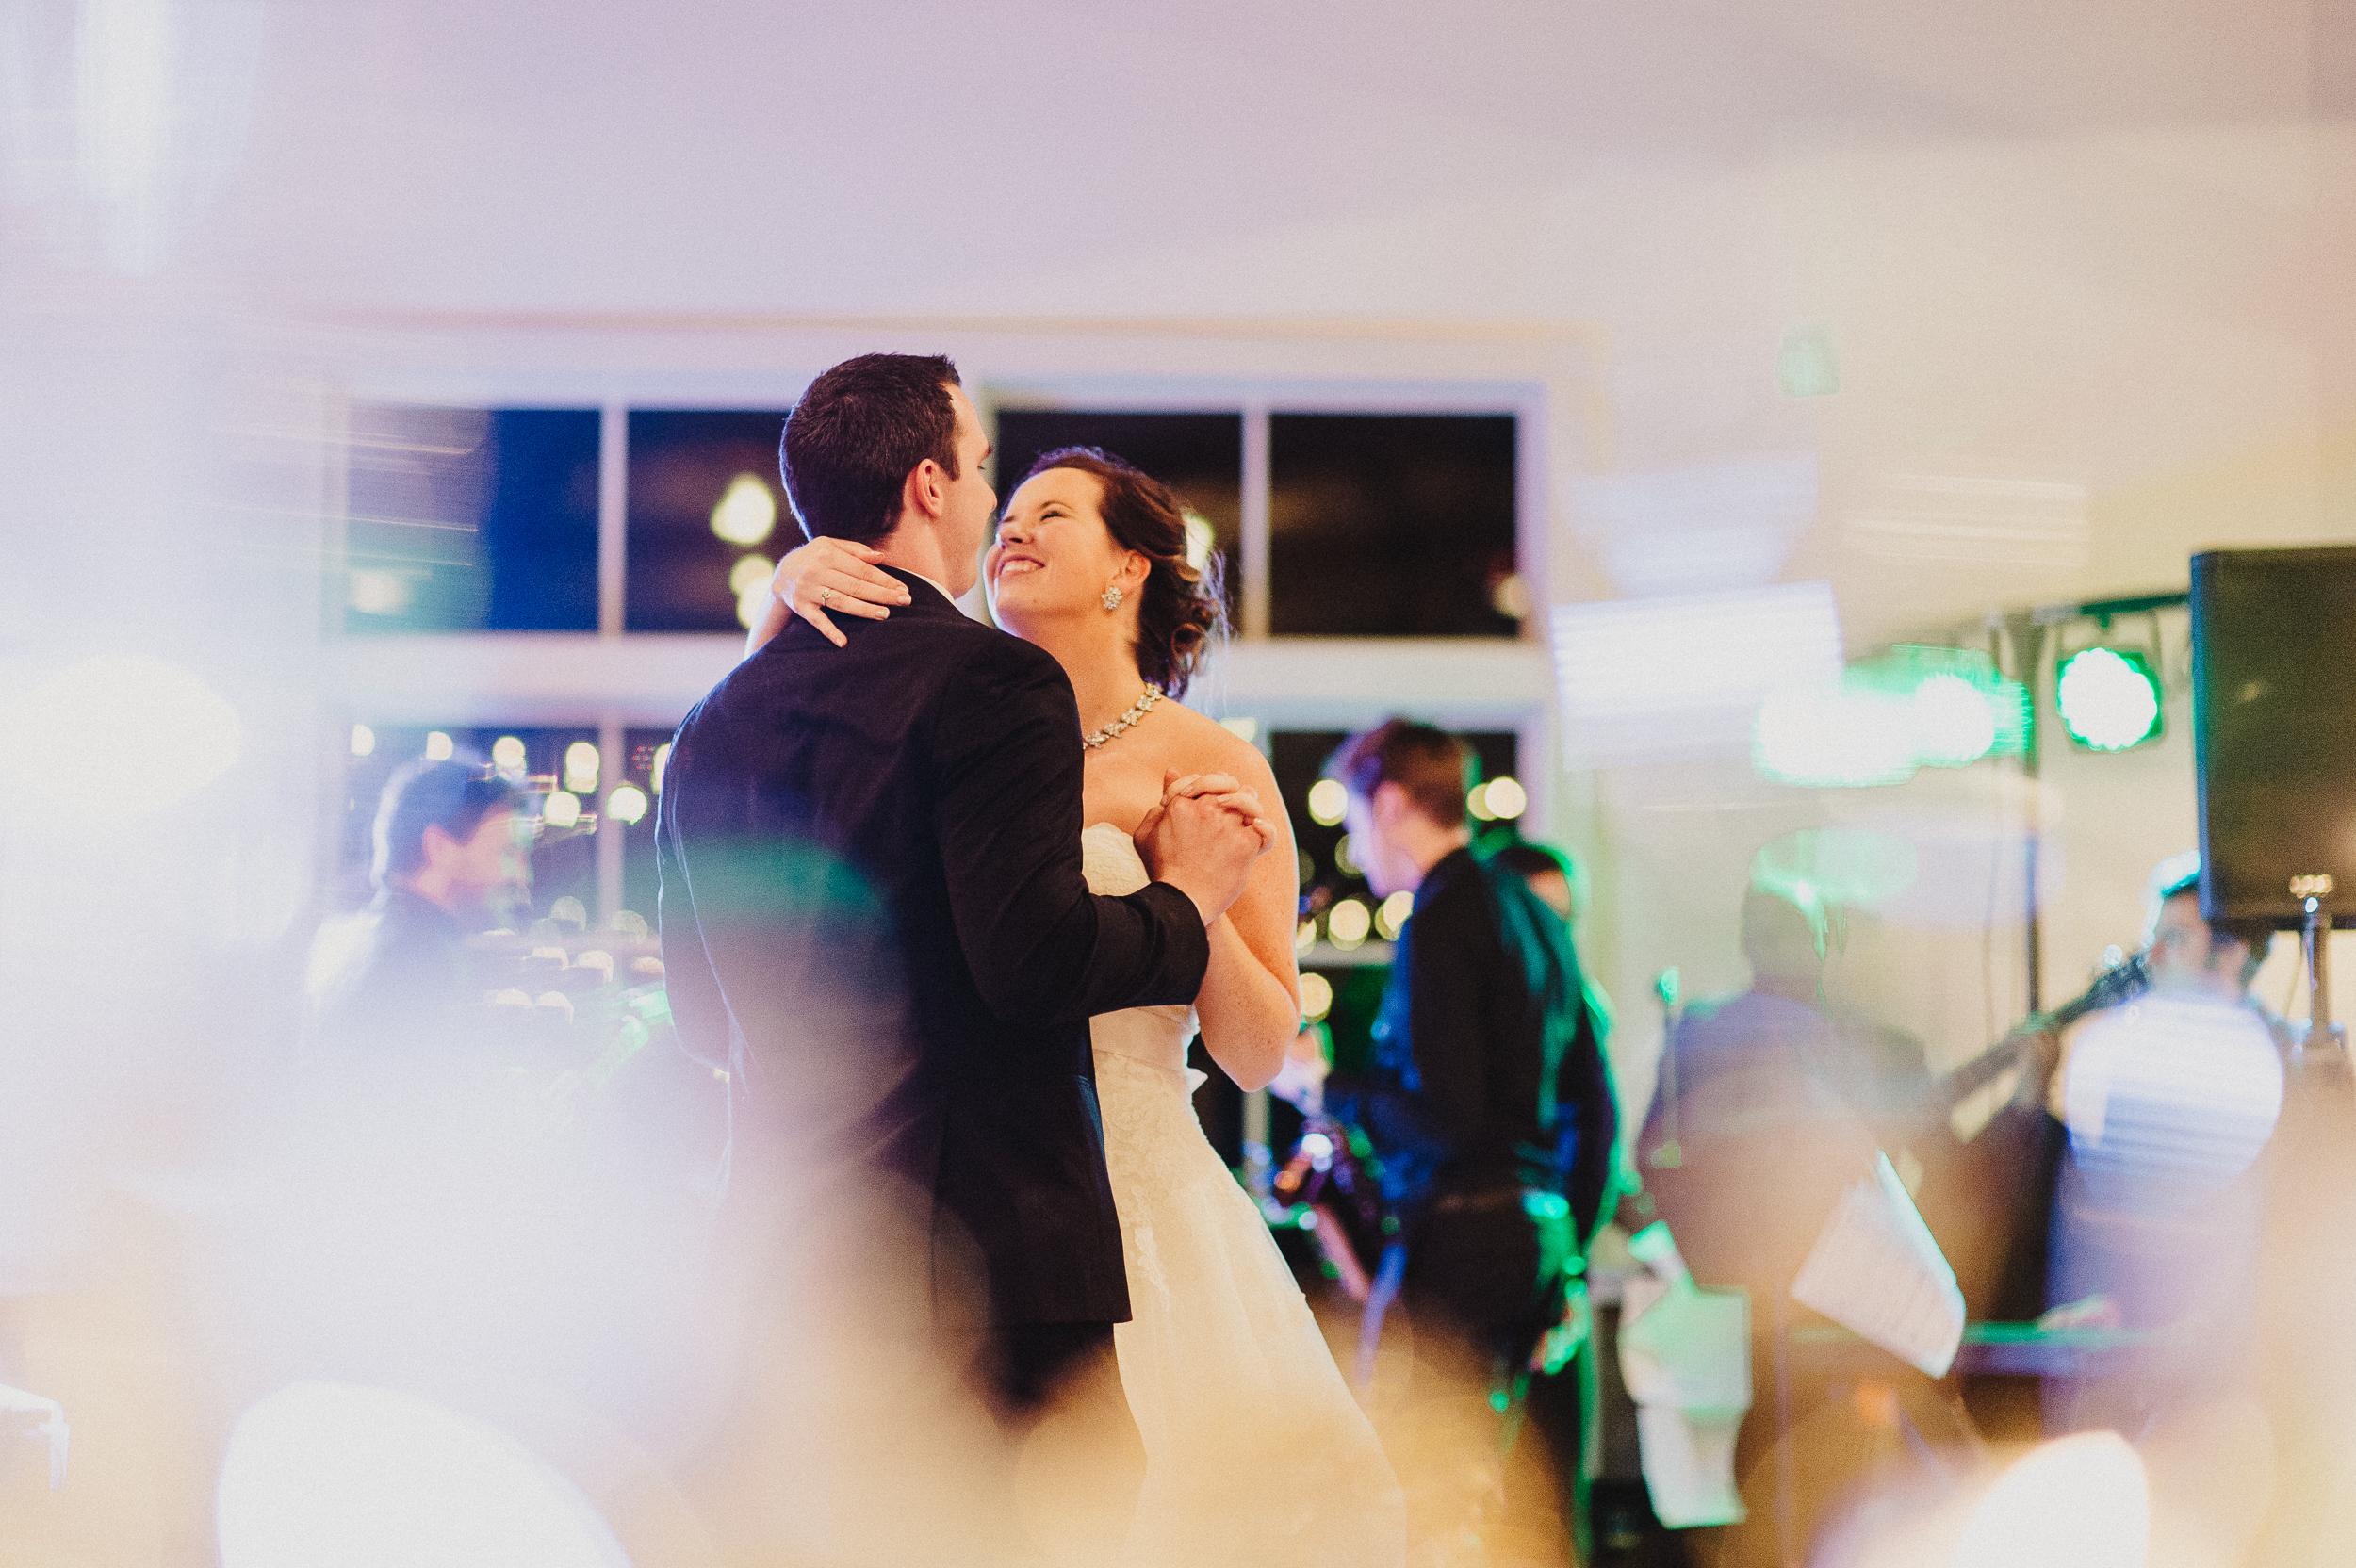 vermont-destination-wedding-photographer-58.jpg